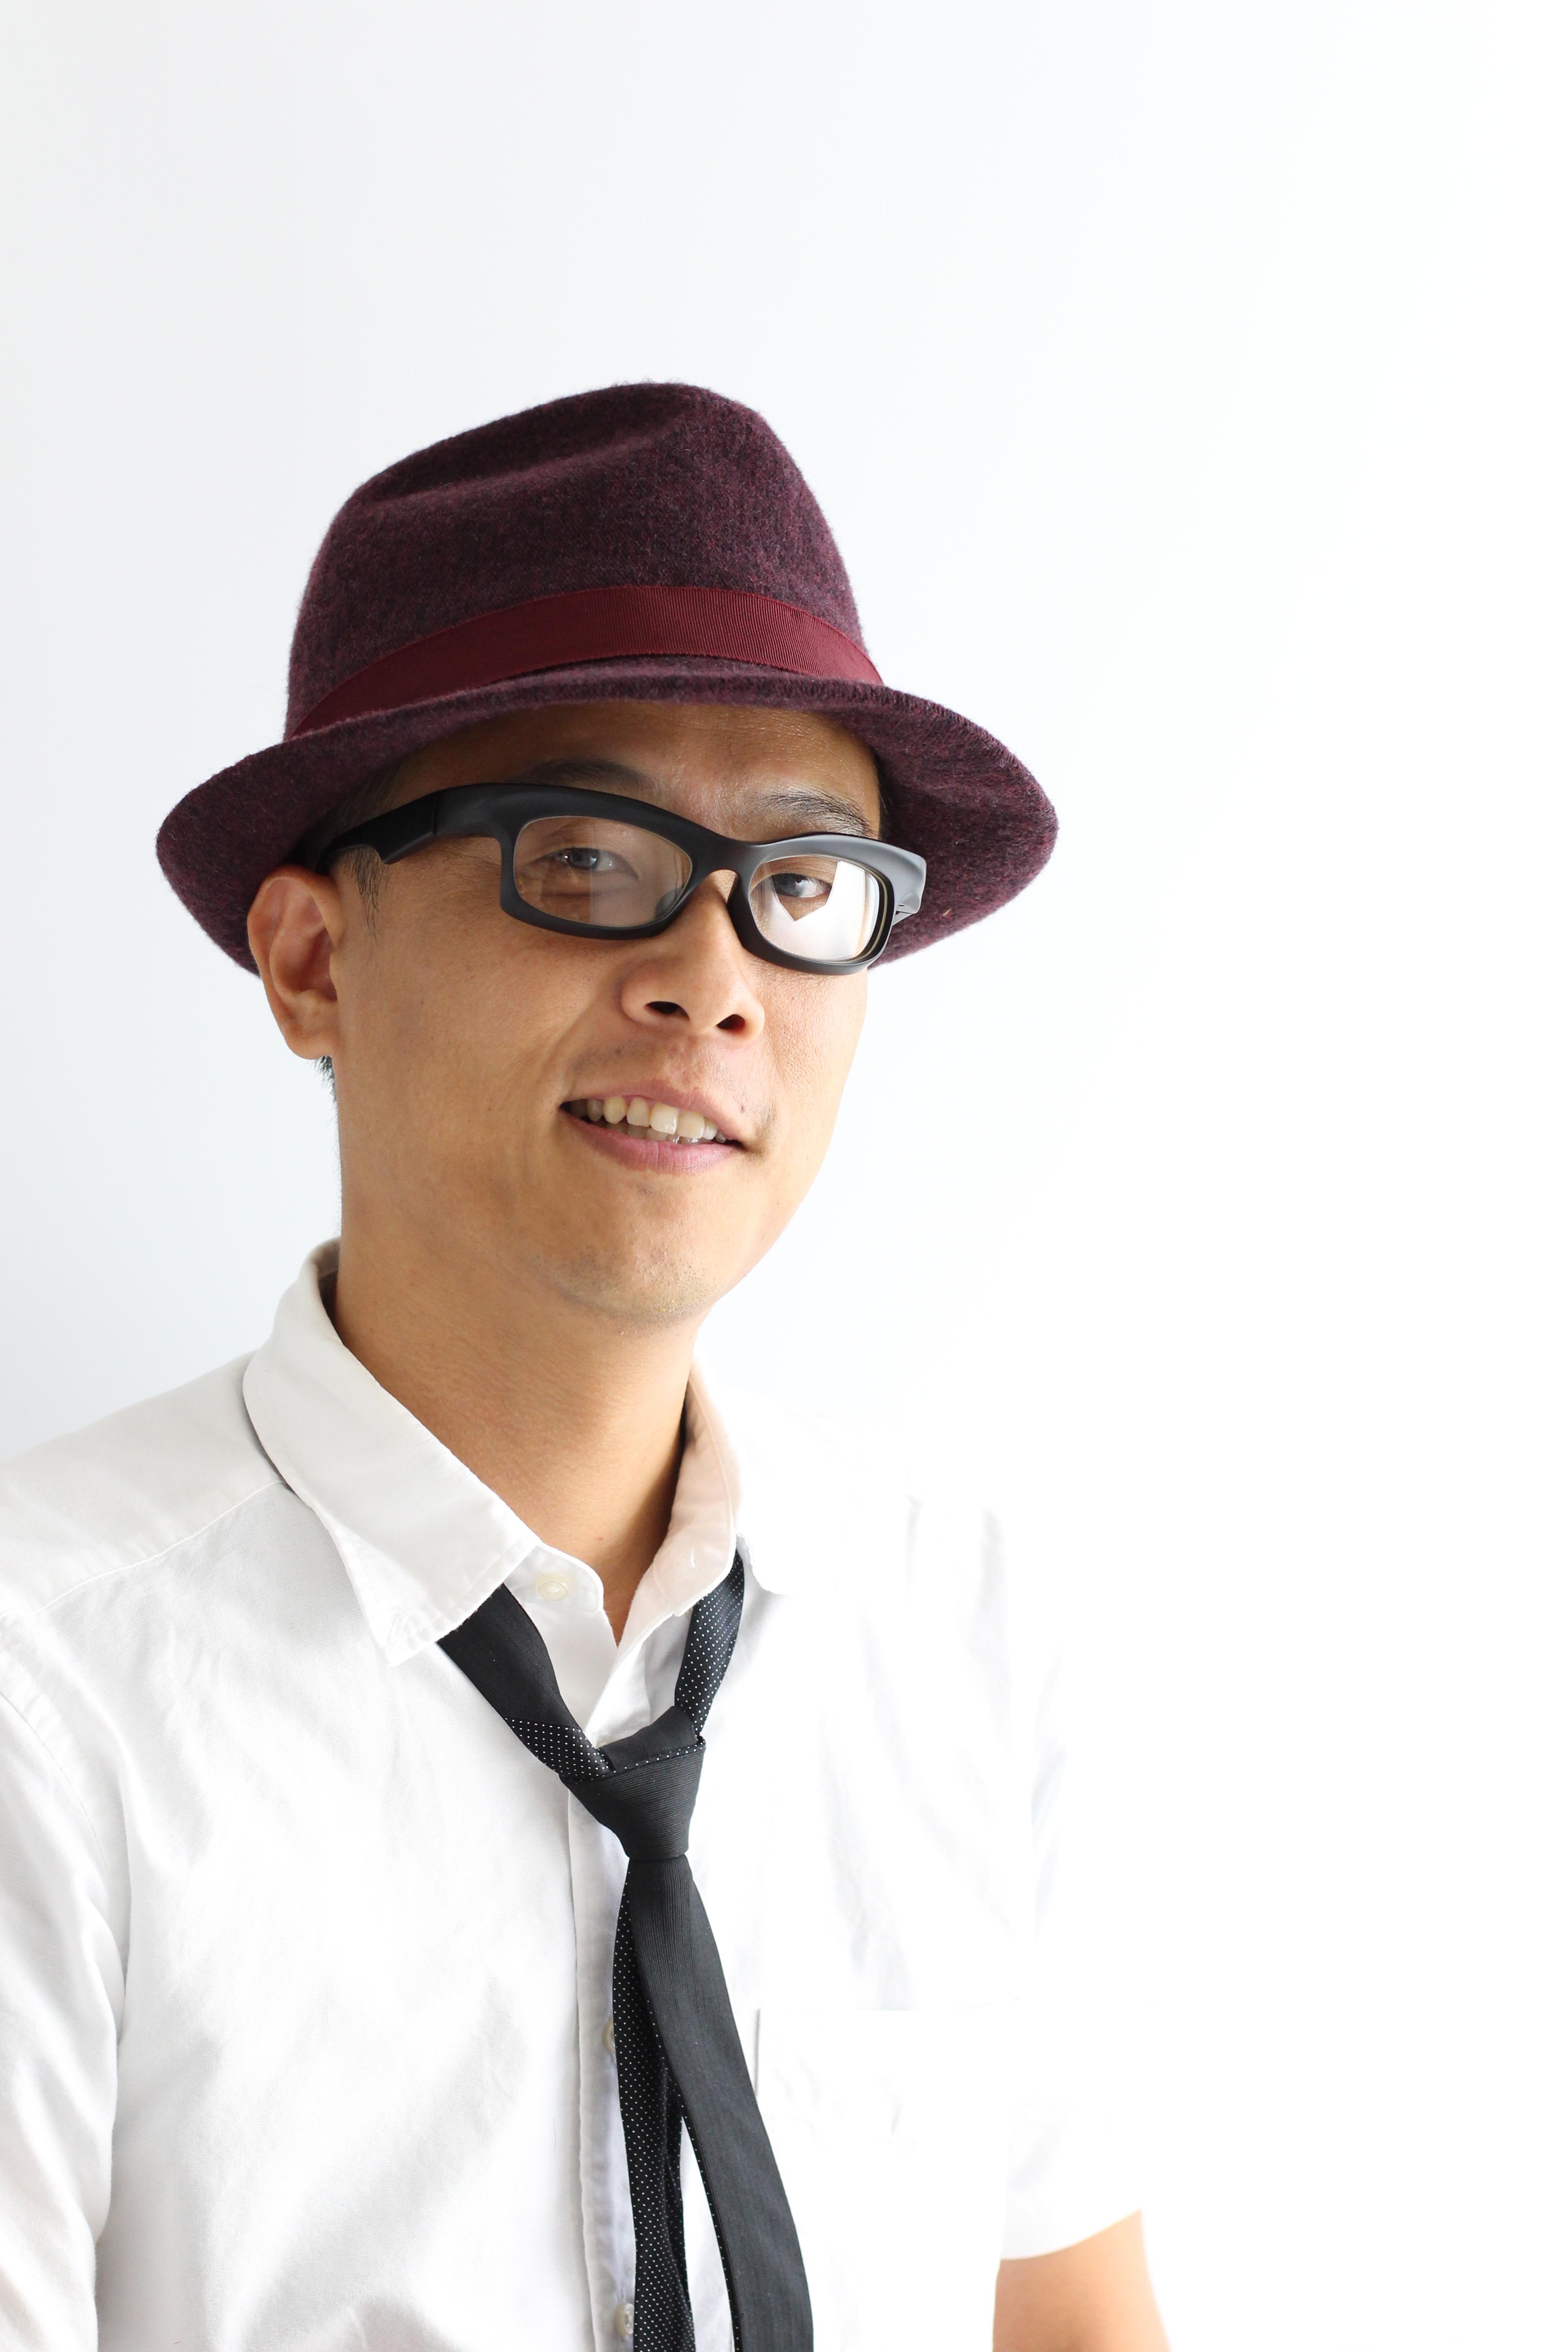 女性用育毛剤の専門家/4cm代表中嶋